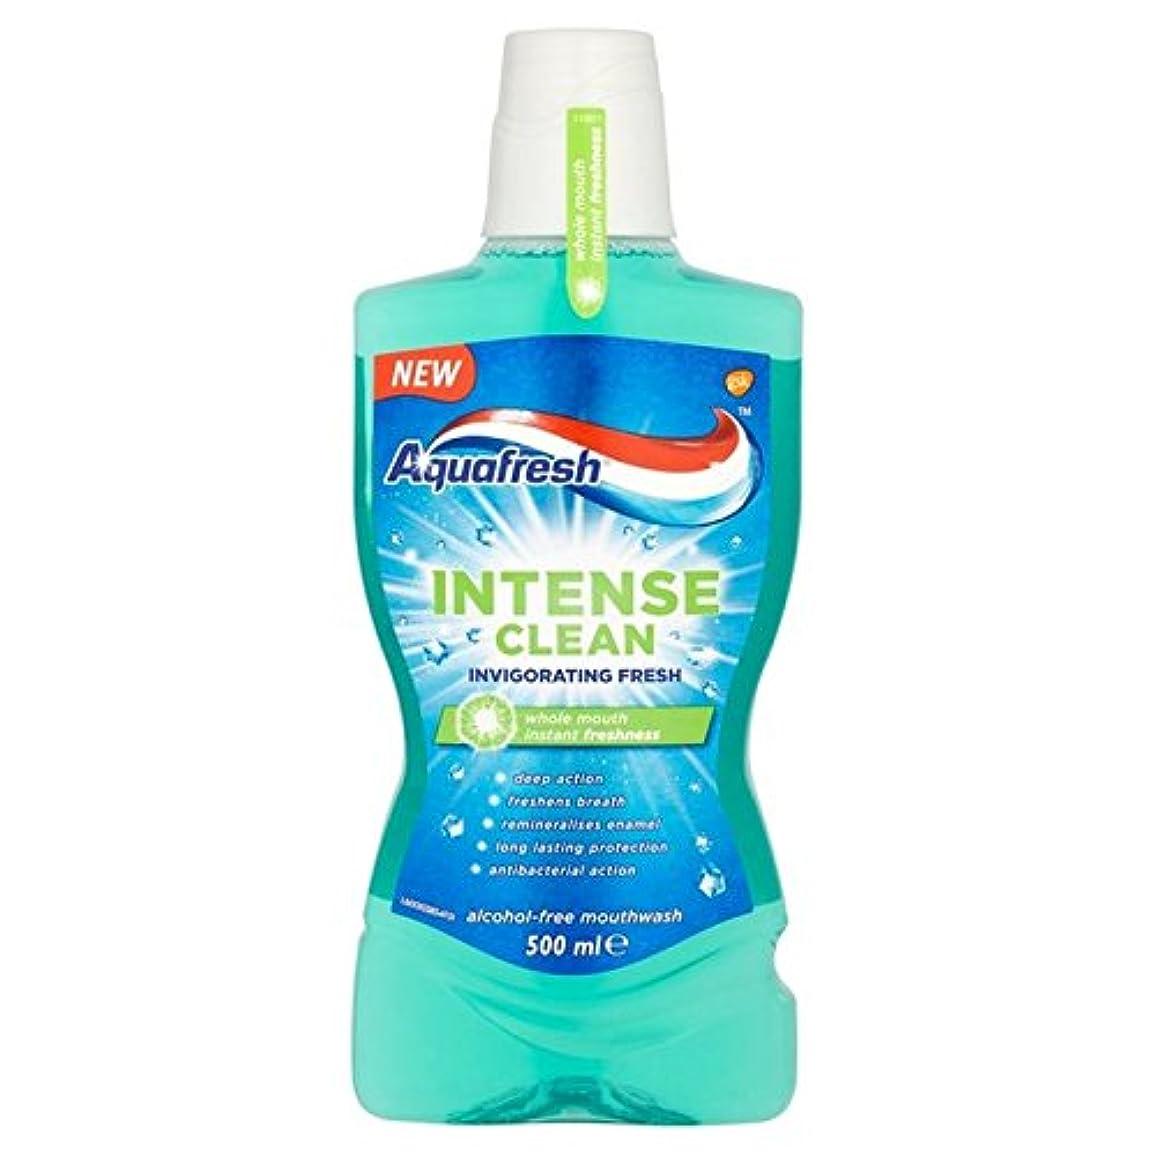 してはいけない弾丸受賞Aquafresh Intense Clean Invigorating Wash 500ml (Pack of 6) - アクアフレッシュ強烈なきれいな爽快ウォッシュ500ミリリットル x6 [並行輸入品]